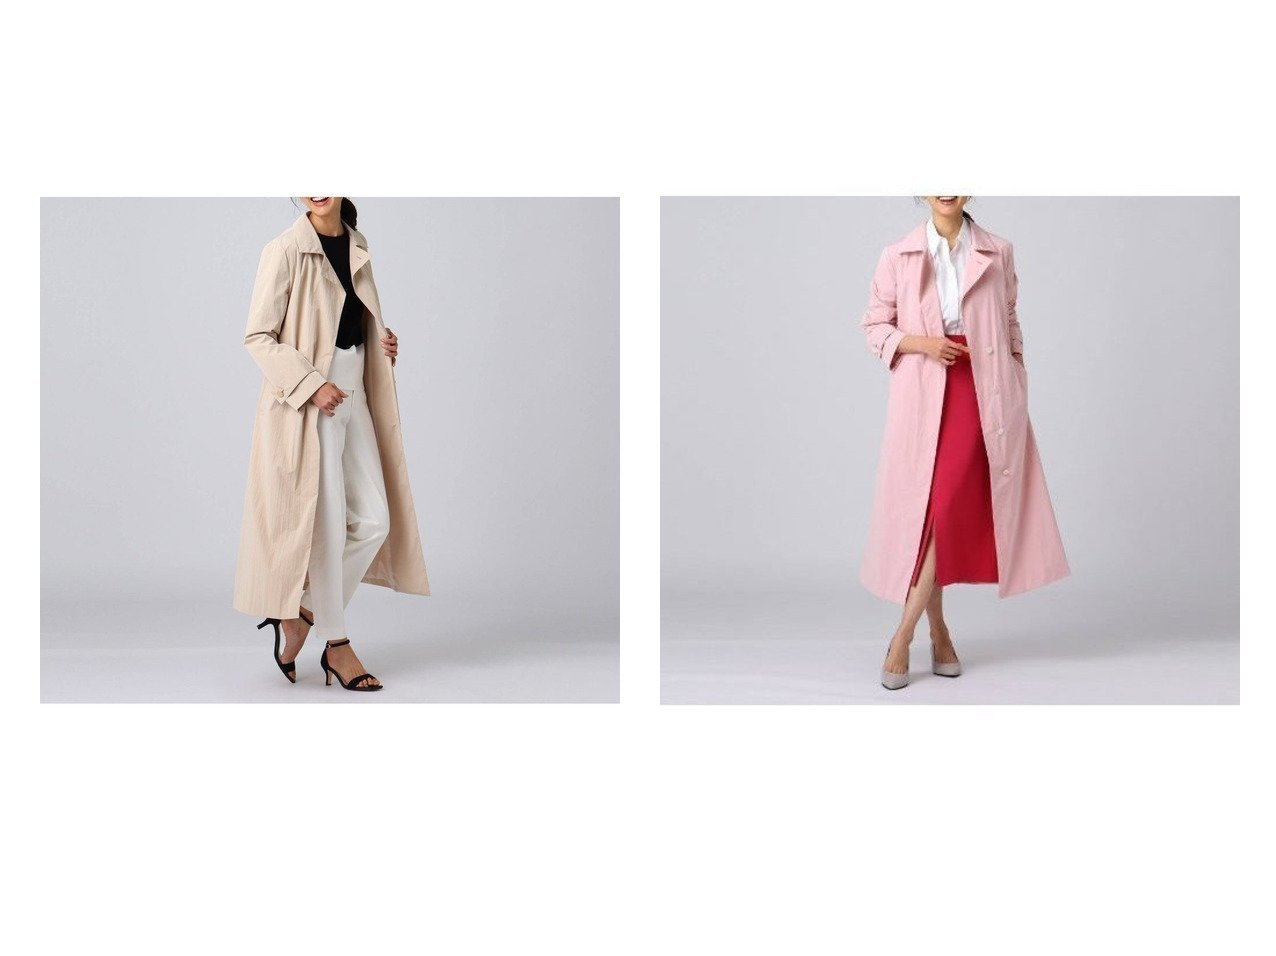 【UNTITLED/アンタイトル】のブルーミングタフタステンカラーコート&ブルーミングタフタステンカラーコート UNTITLEDのおすすめ!人気、トレンド・レディースファッションの通販 おすすめで人気の流行・トレンド、ファッションの通販商品 メンズファッション・キッズファッション・インテリア・家具・レディースファッション・服の通販 founy(ファニー) https://founy.com/ ファッション Fashion レディースファッション WOMEN アウター Coat Outerwear コート Coats 春 Spring シンプル ストレート タフタ チェスター フロント ポケット モダン ヨーク 2021年 2021 S/S 春夏 SS Spring/Summer 2021 春夏 S/S SS Spring/Summer 2021 |ID:crp329100000019961